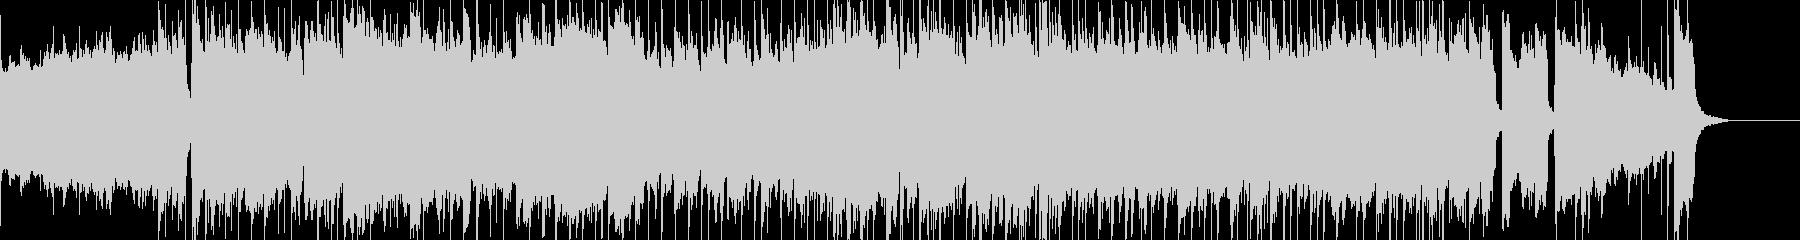 ピアノとバイオリン主体のバラードインストの未再生の波形